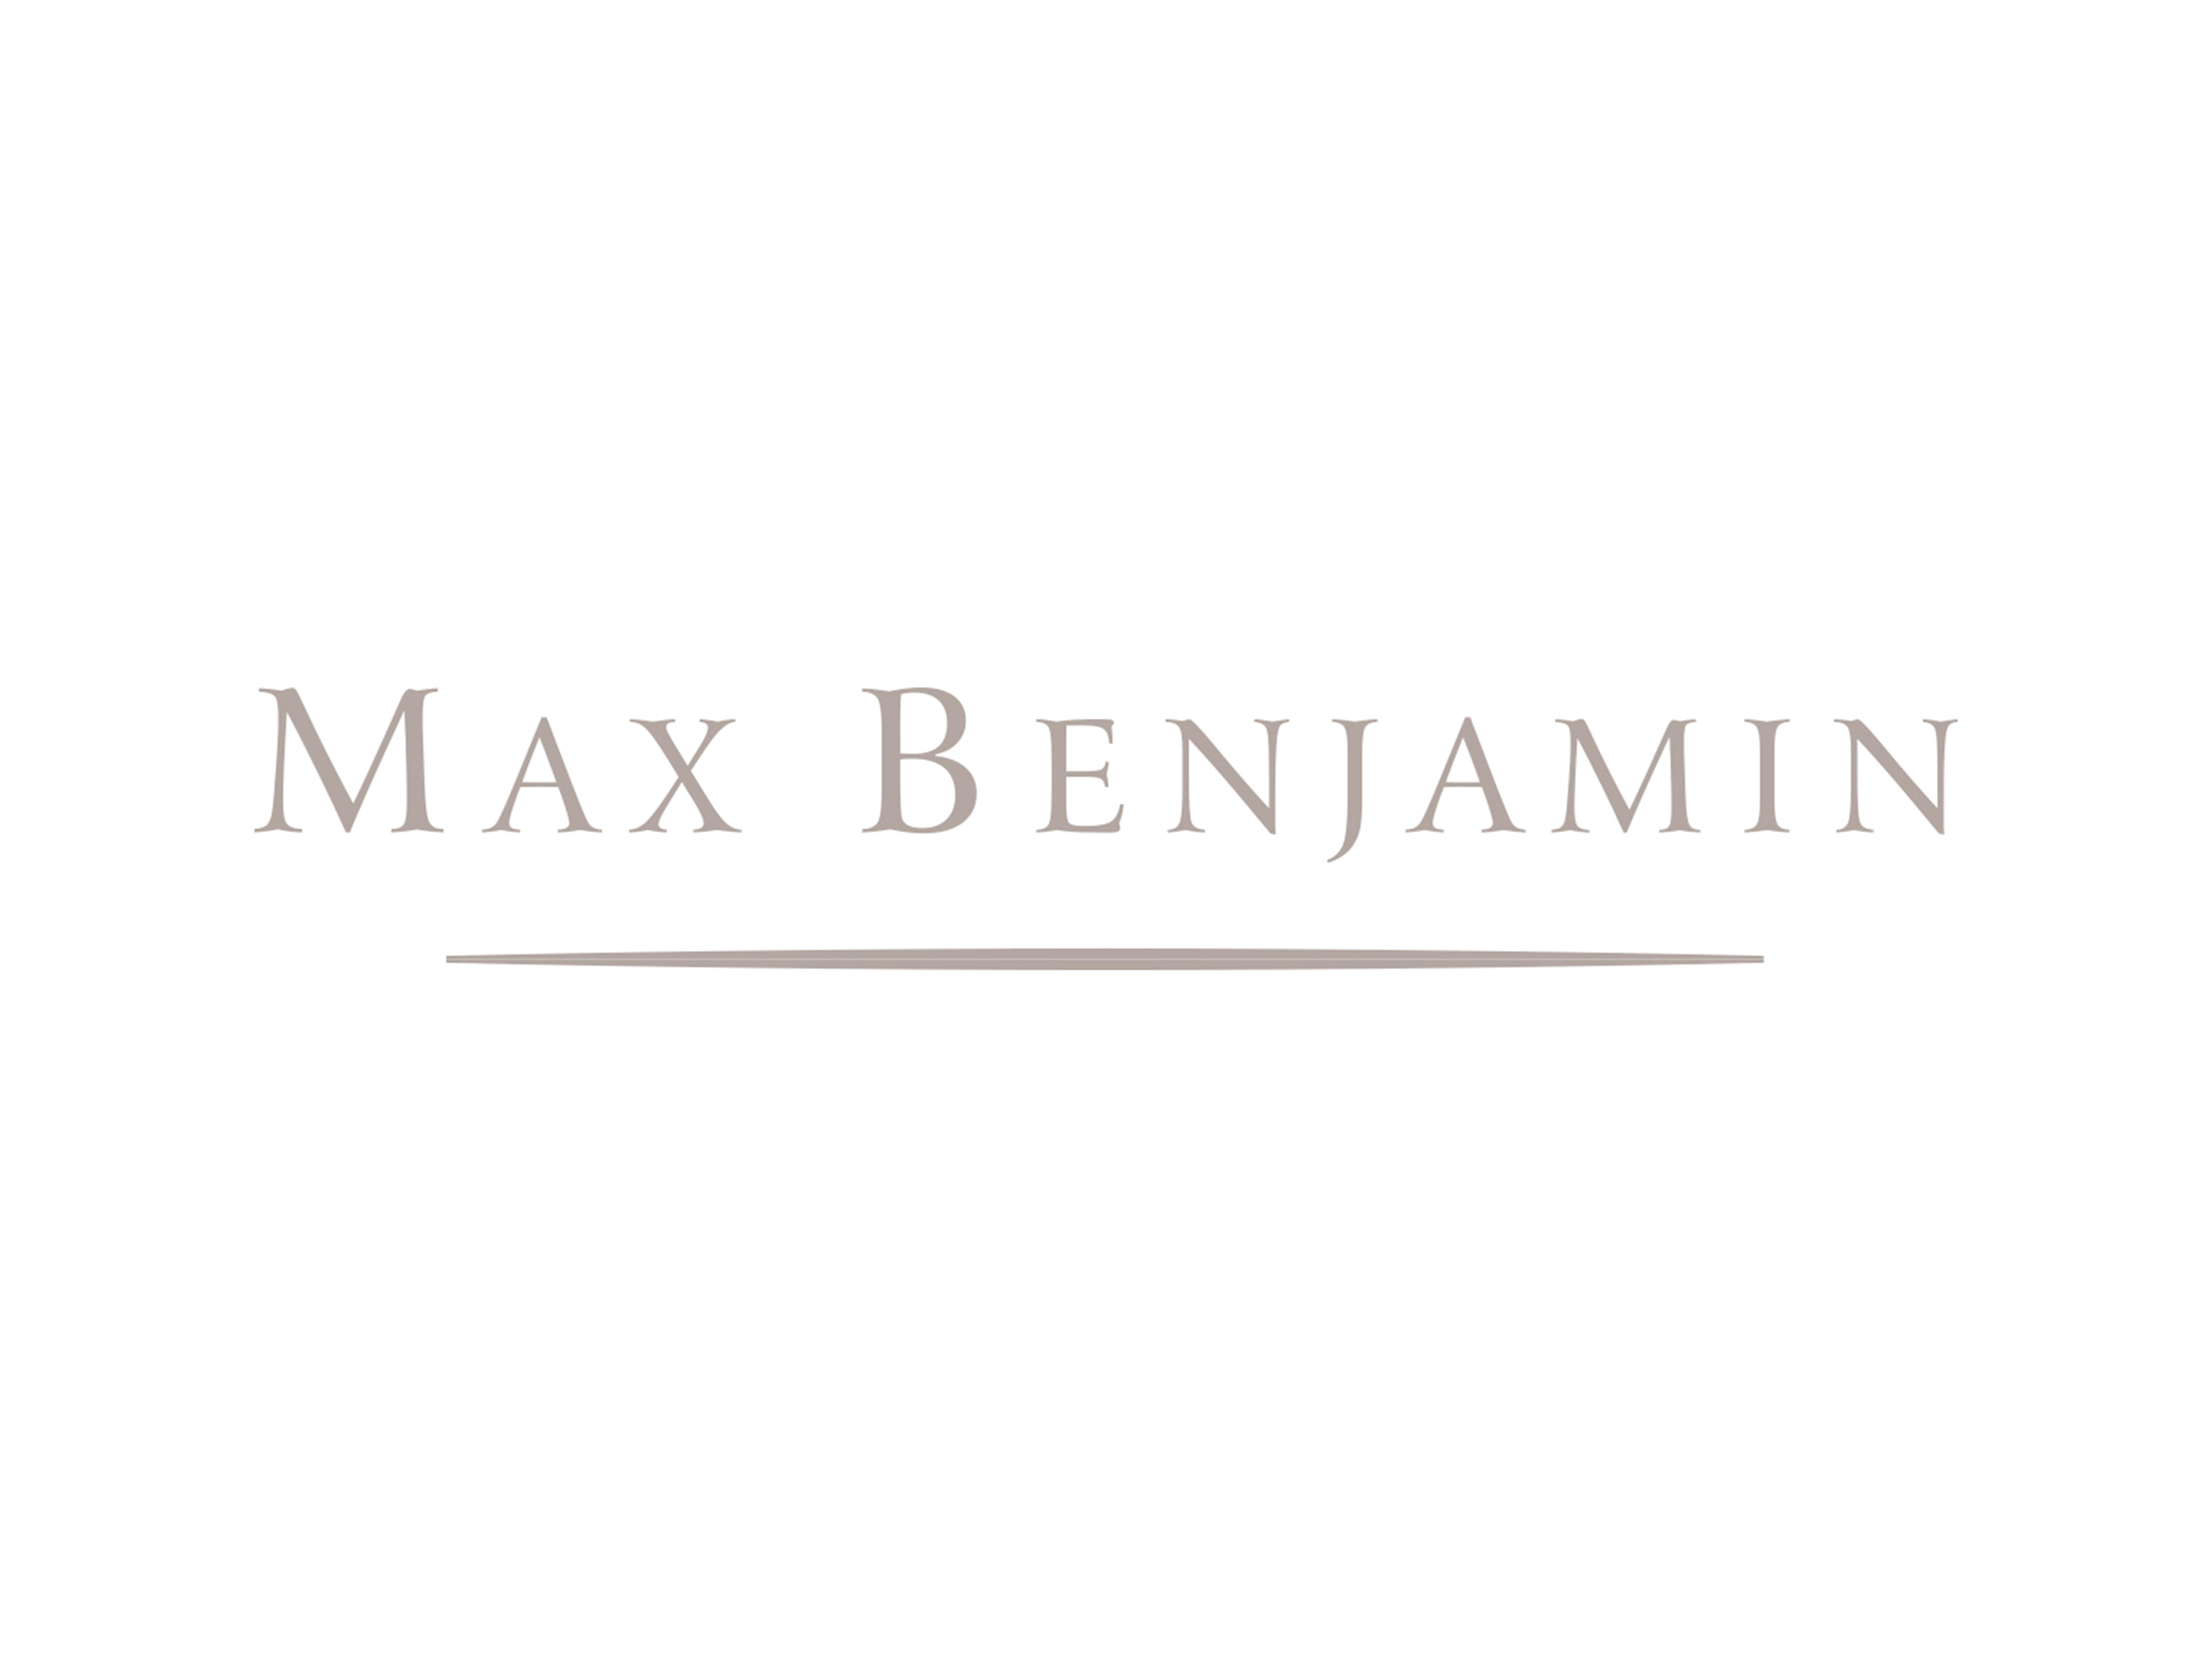 max benjamin logo